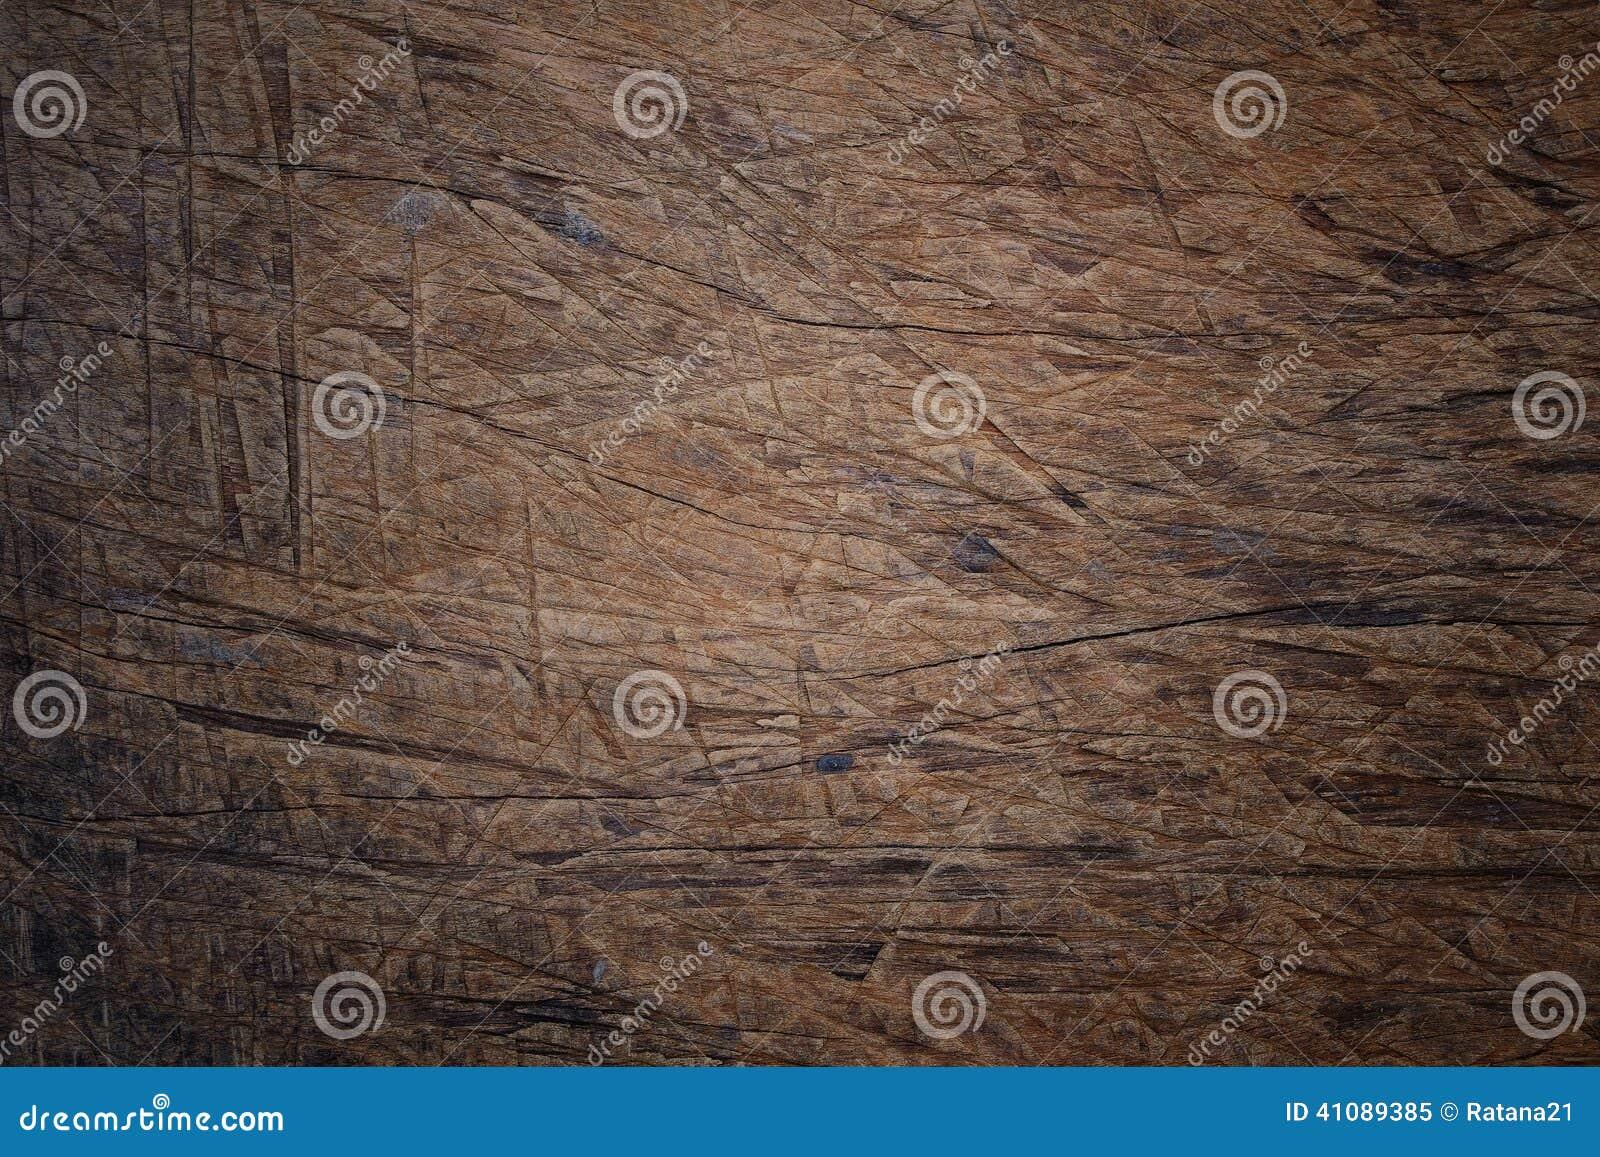 Поверхность старой поцарапанной древесины